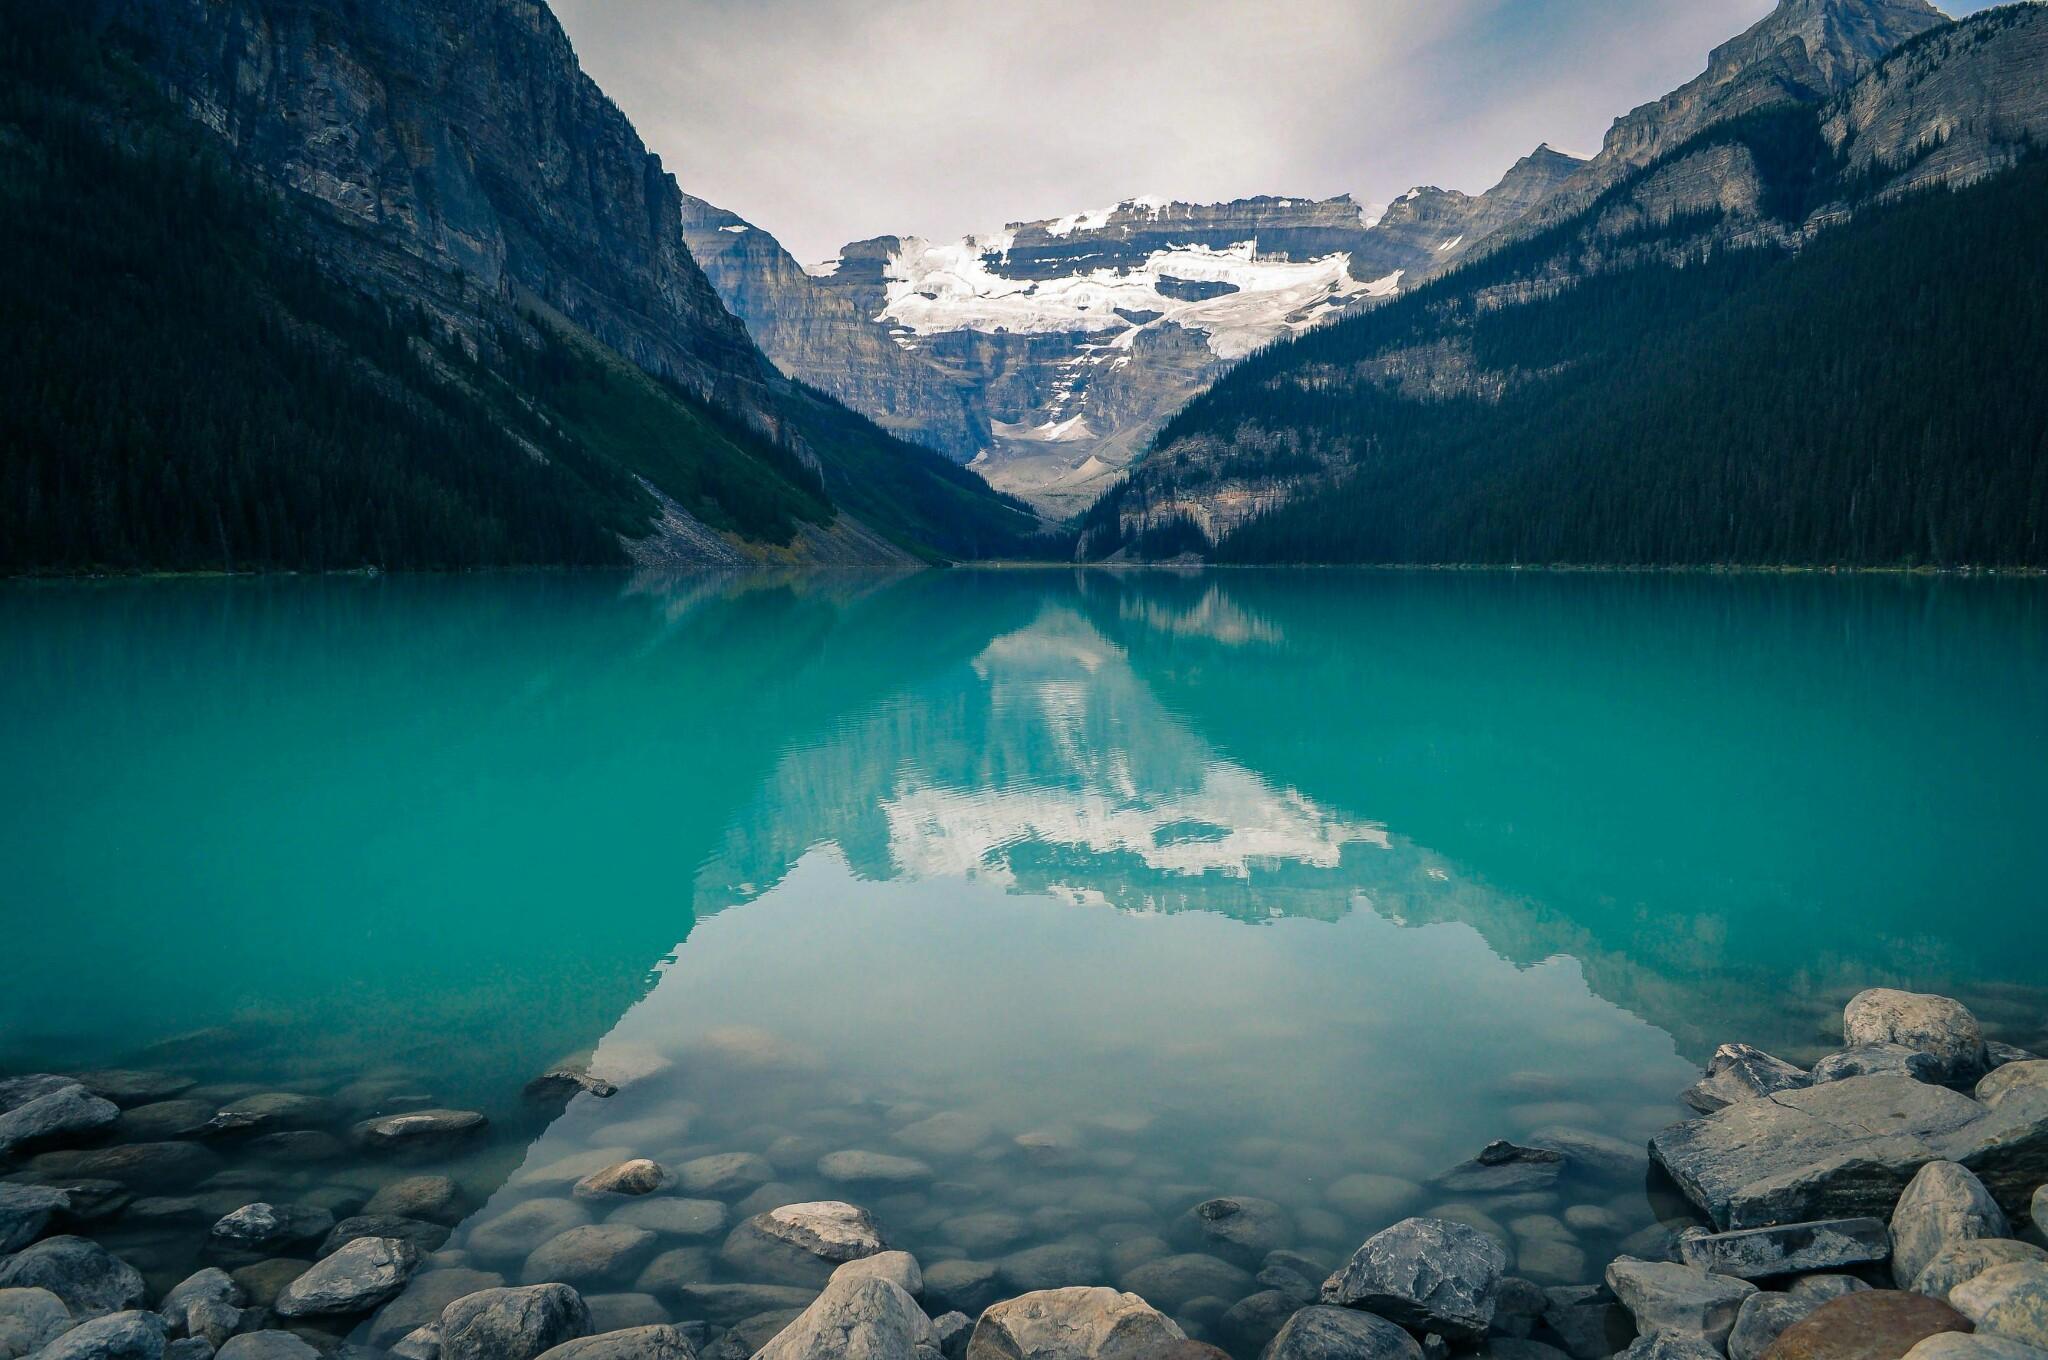 219 2191611 clear green mountain lake desktop wallpaper uploaded iphone